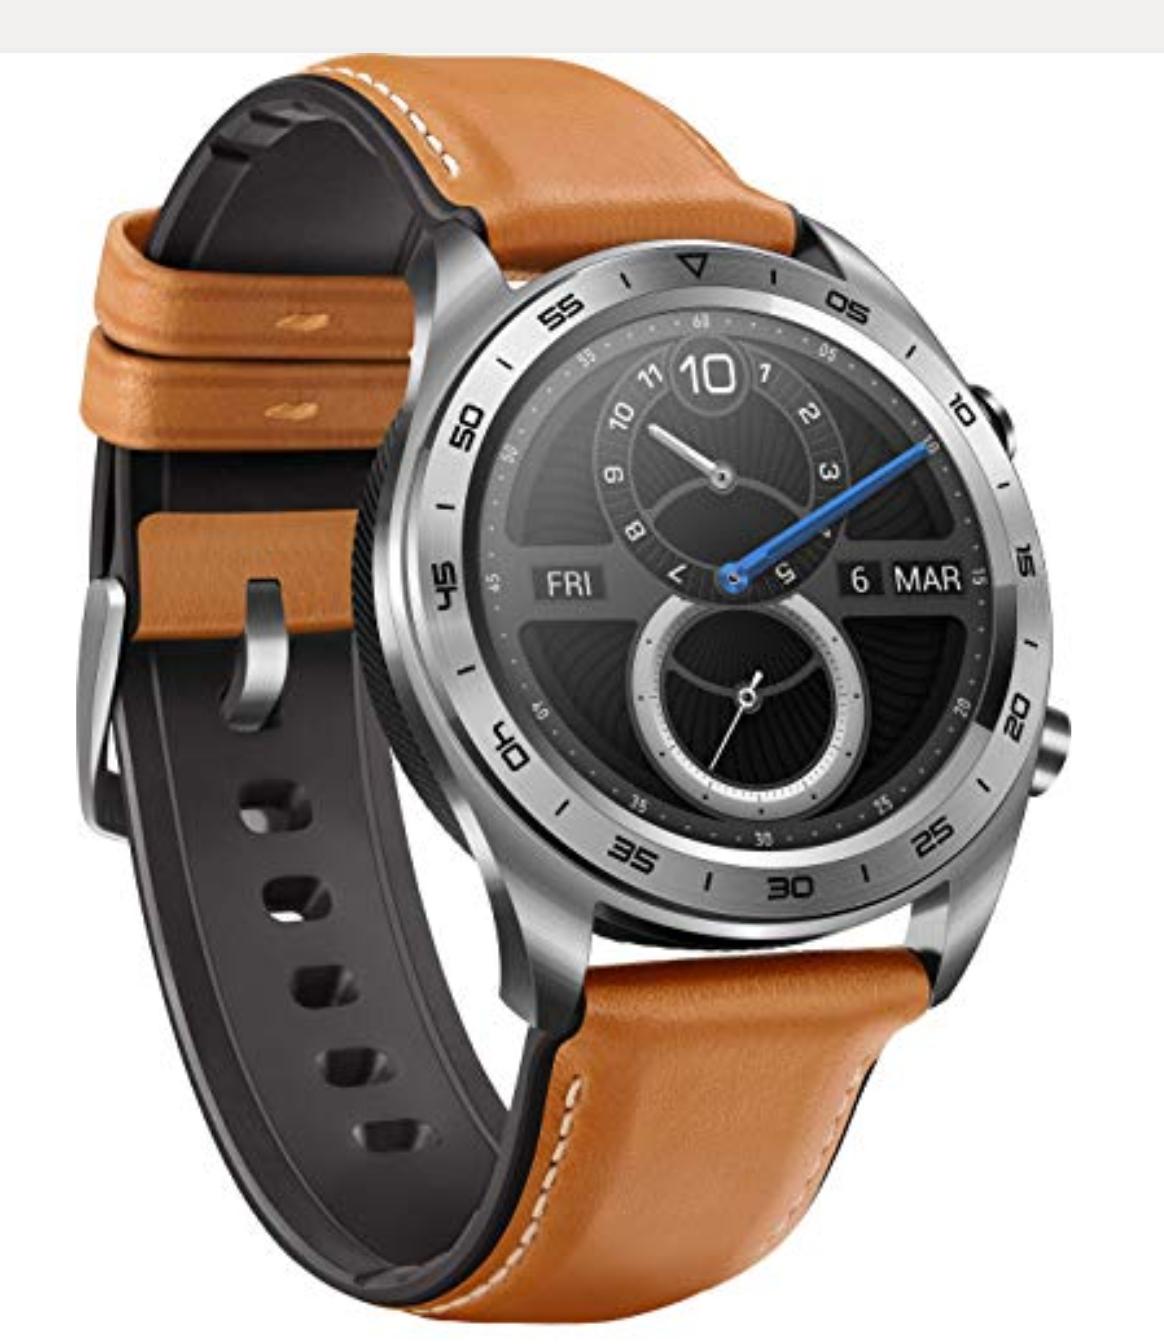 Honor watch Classic w cenie 573zł, kolor czarny 577zł, Huawei Watch GT Black 626zł. Amazon.de